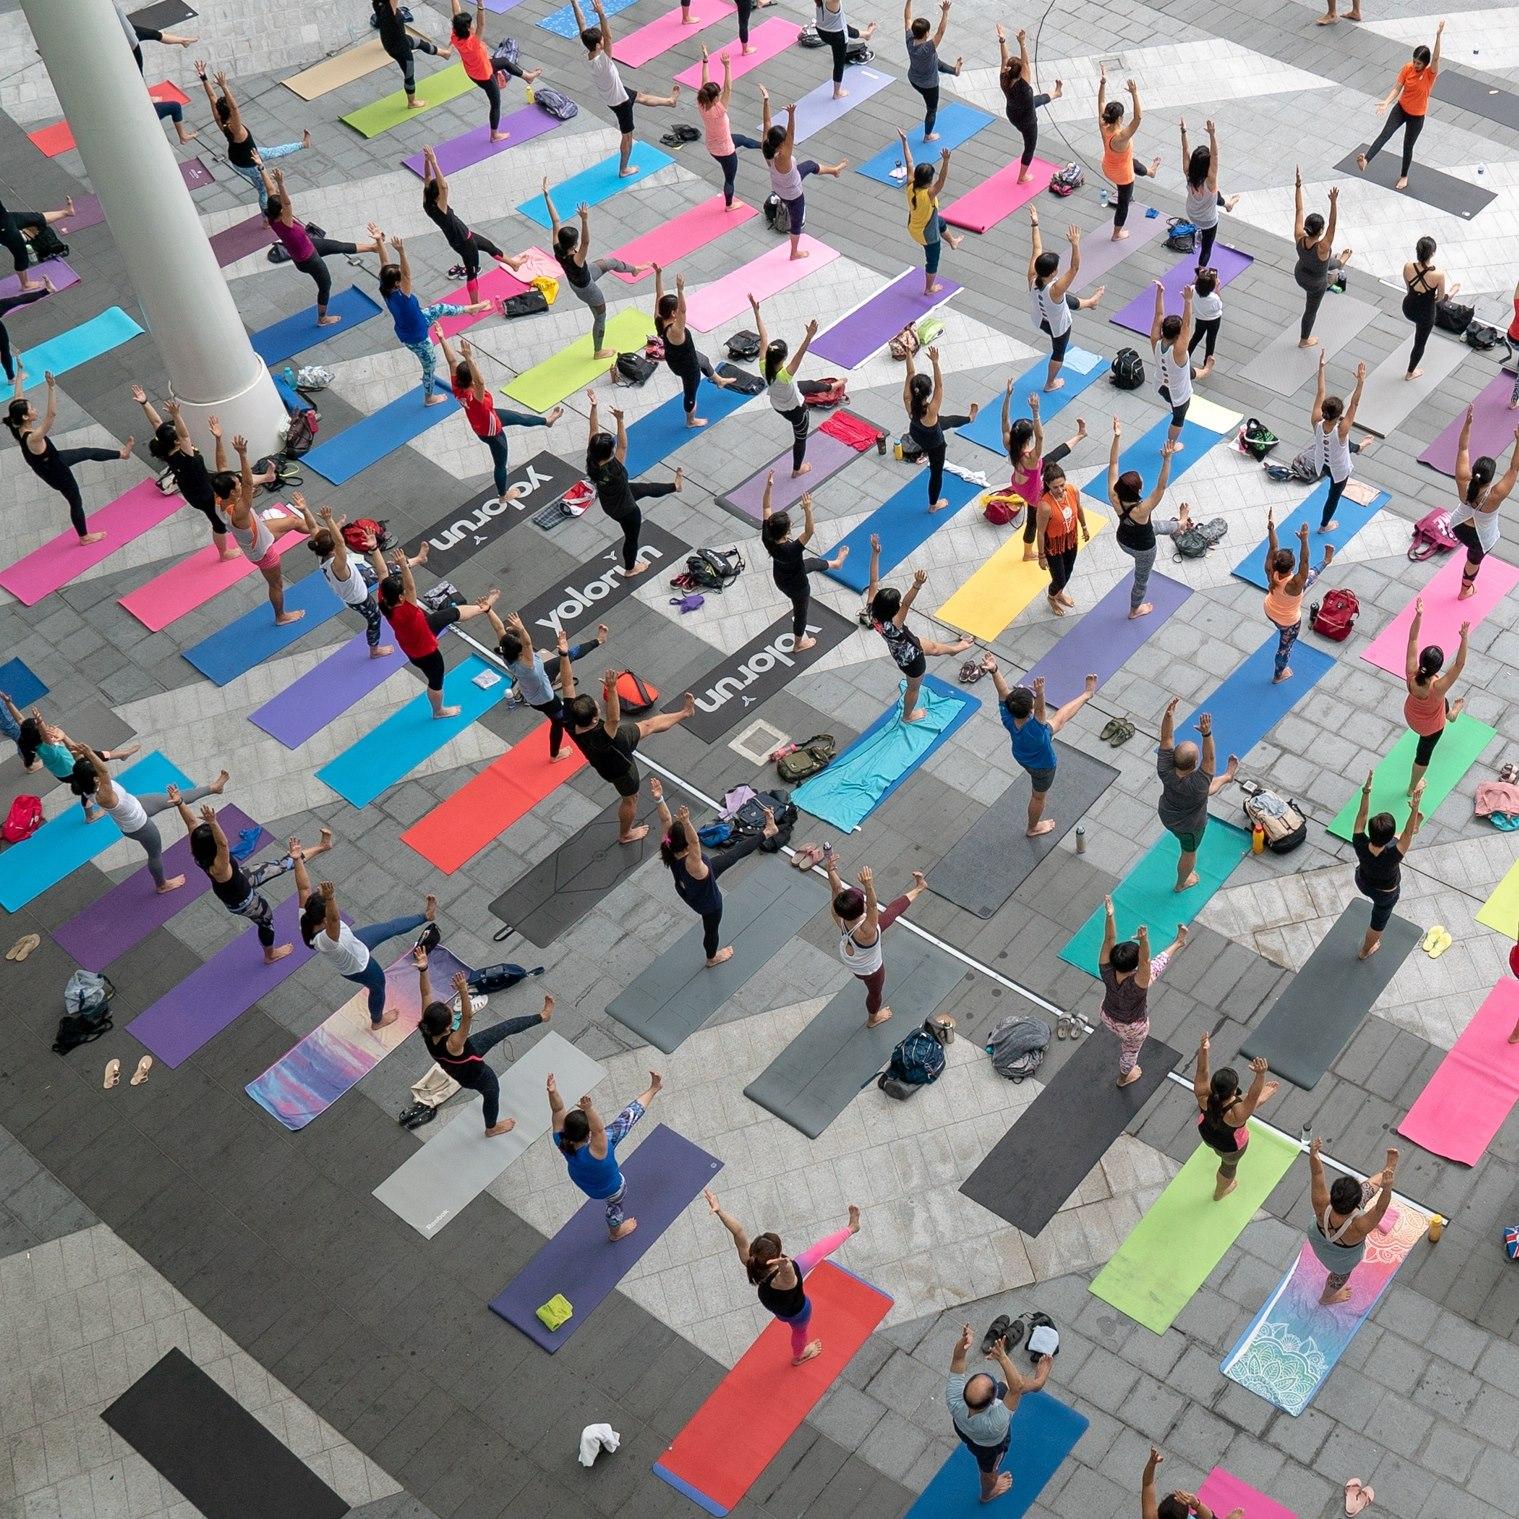 Photo courtesy: Platinum Yoga